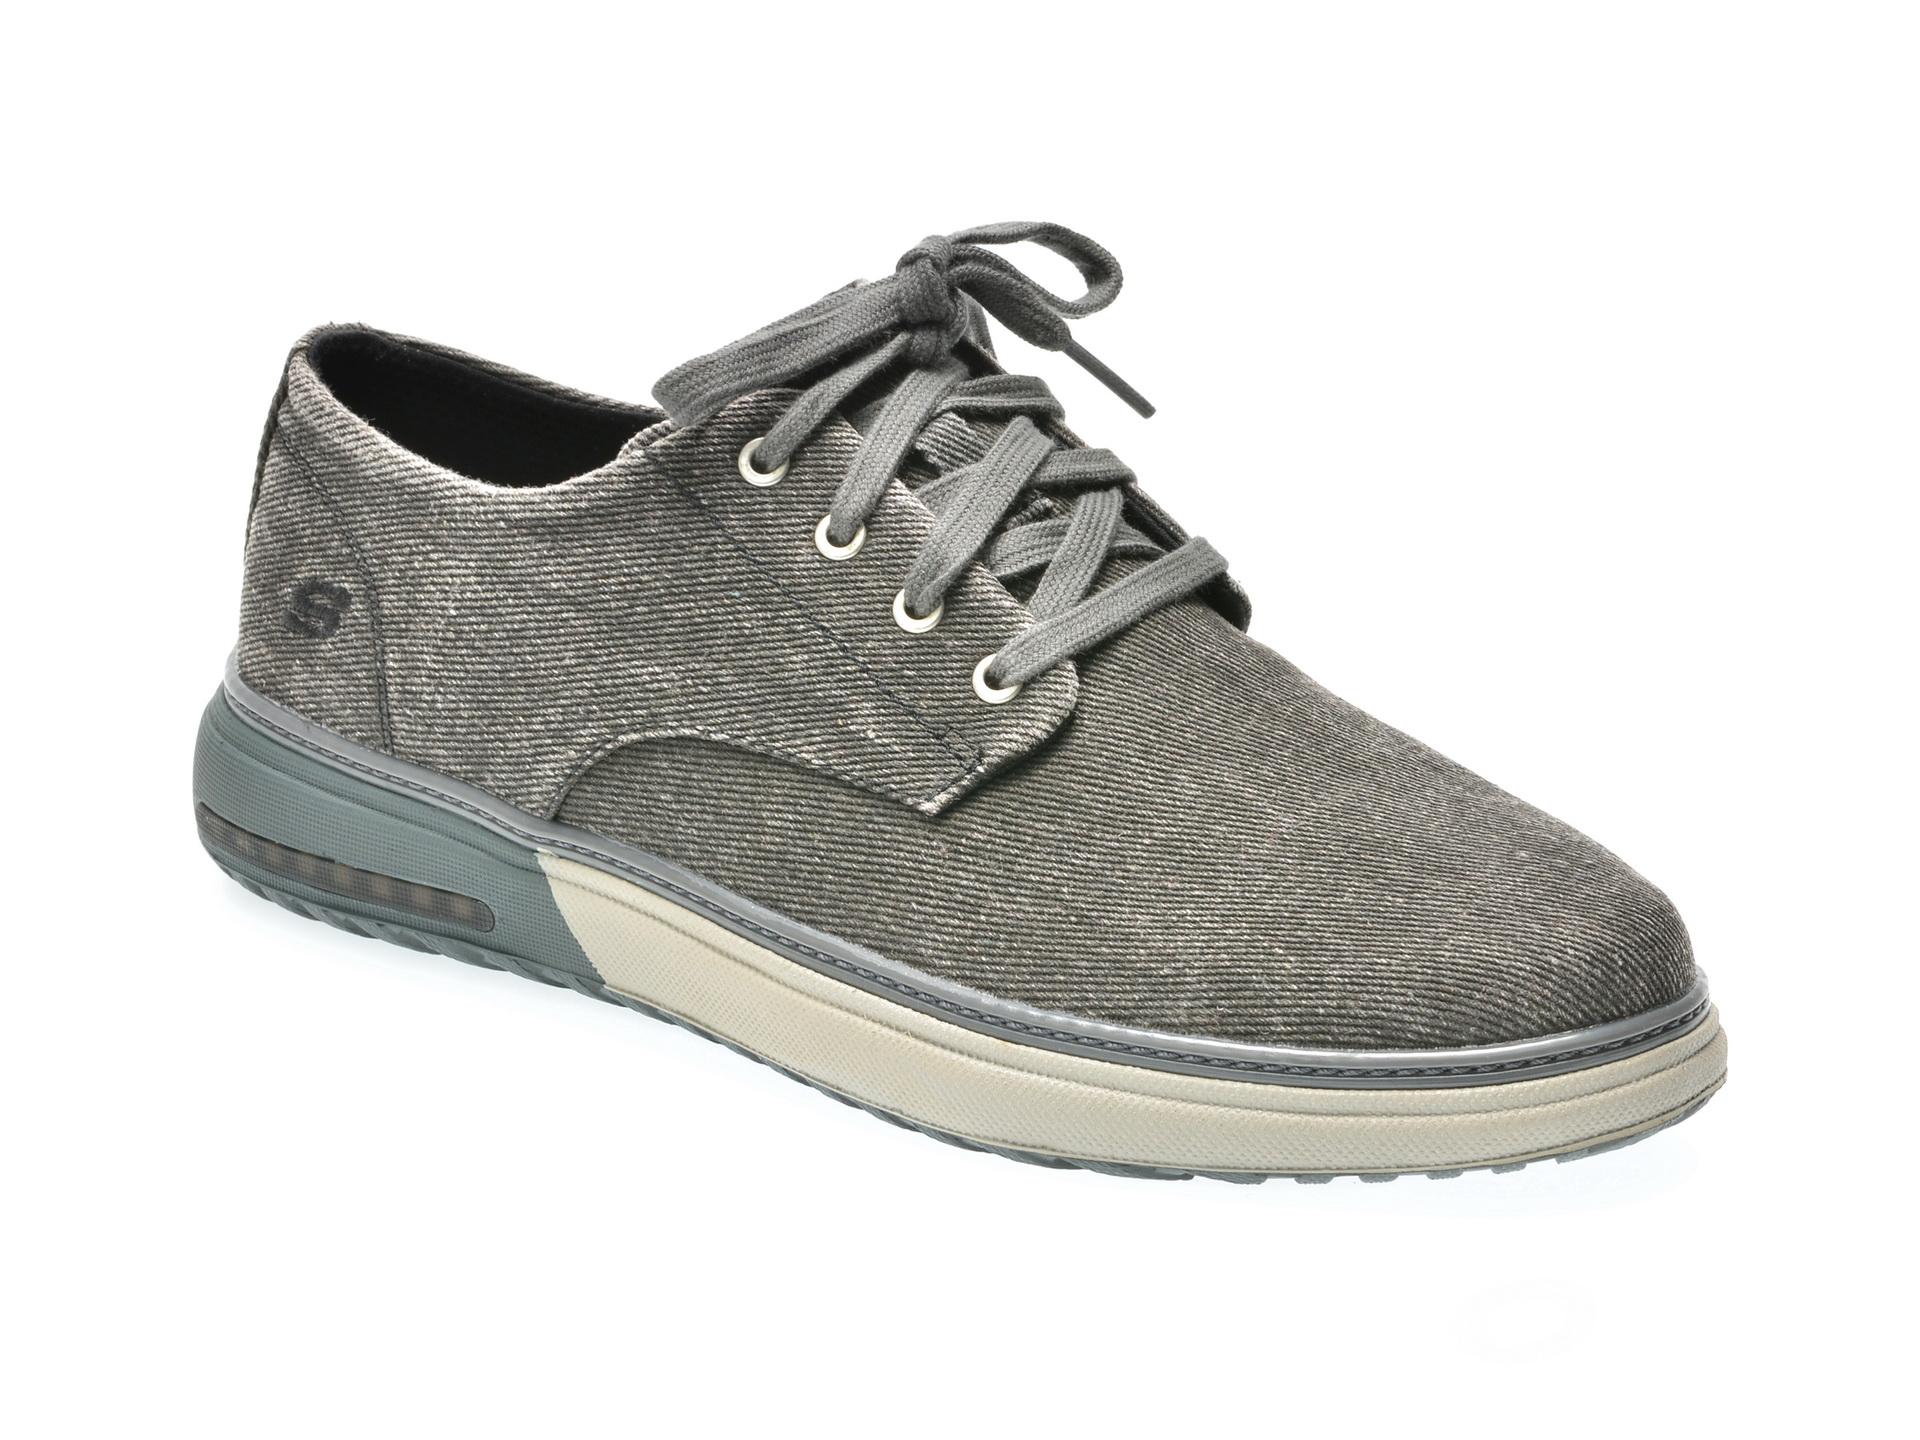 Pantofi SKECHERS gri, 65371, din canvas